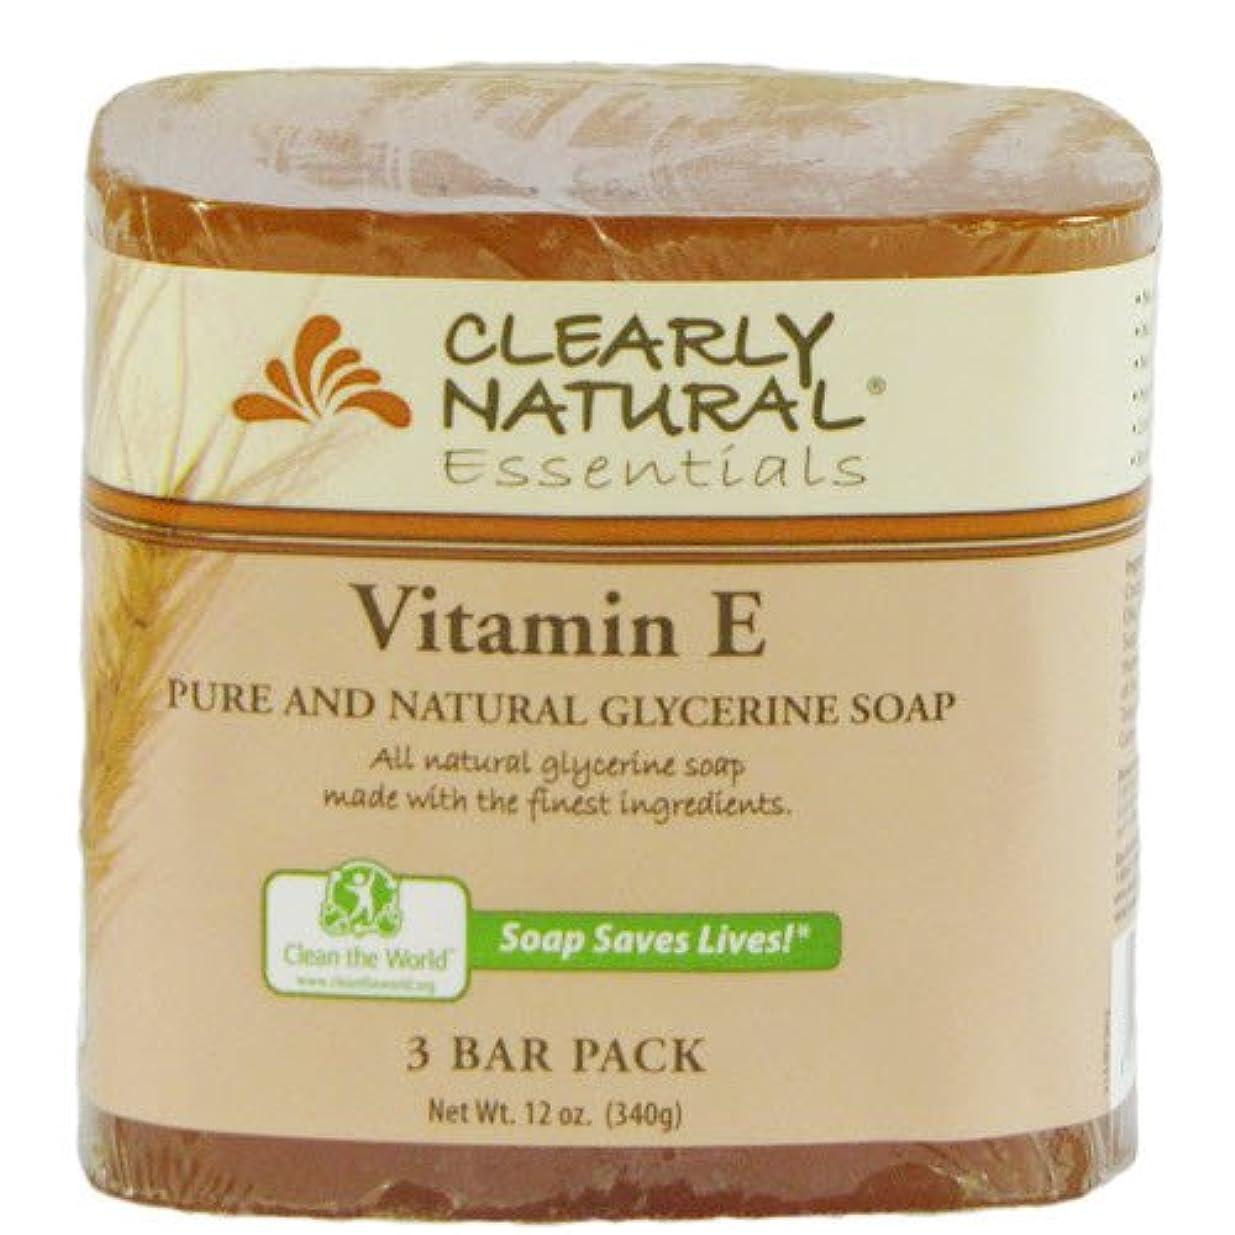 必需品鰐普遍的なClearly Natural, Pure and Natural Glycerine Soap, Vitamin E, 3 Bar Pack, 4 oz Each